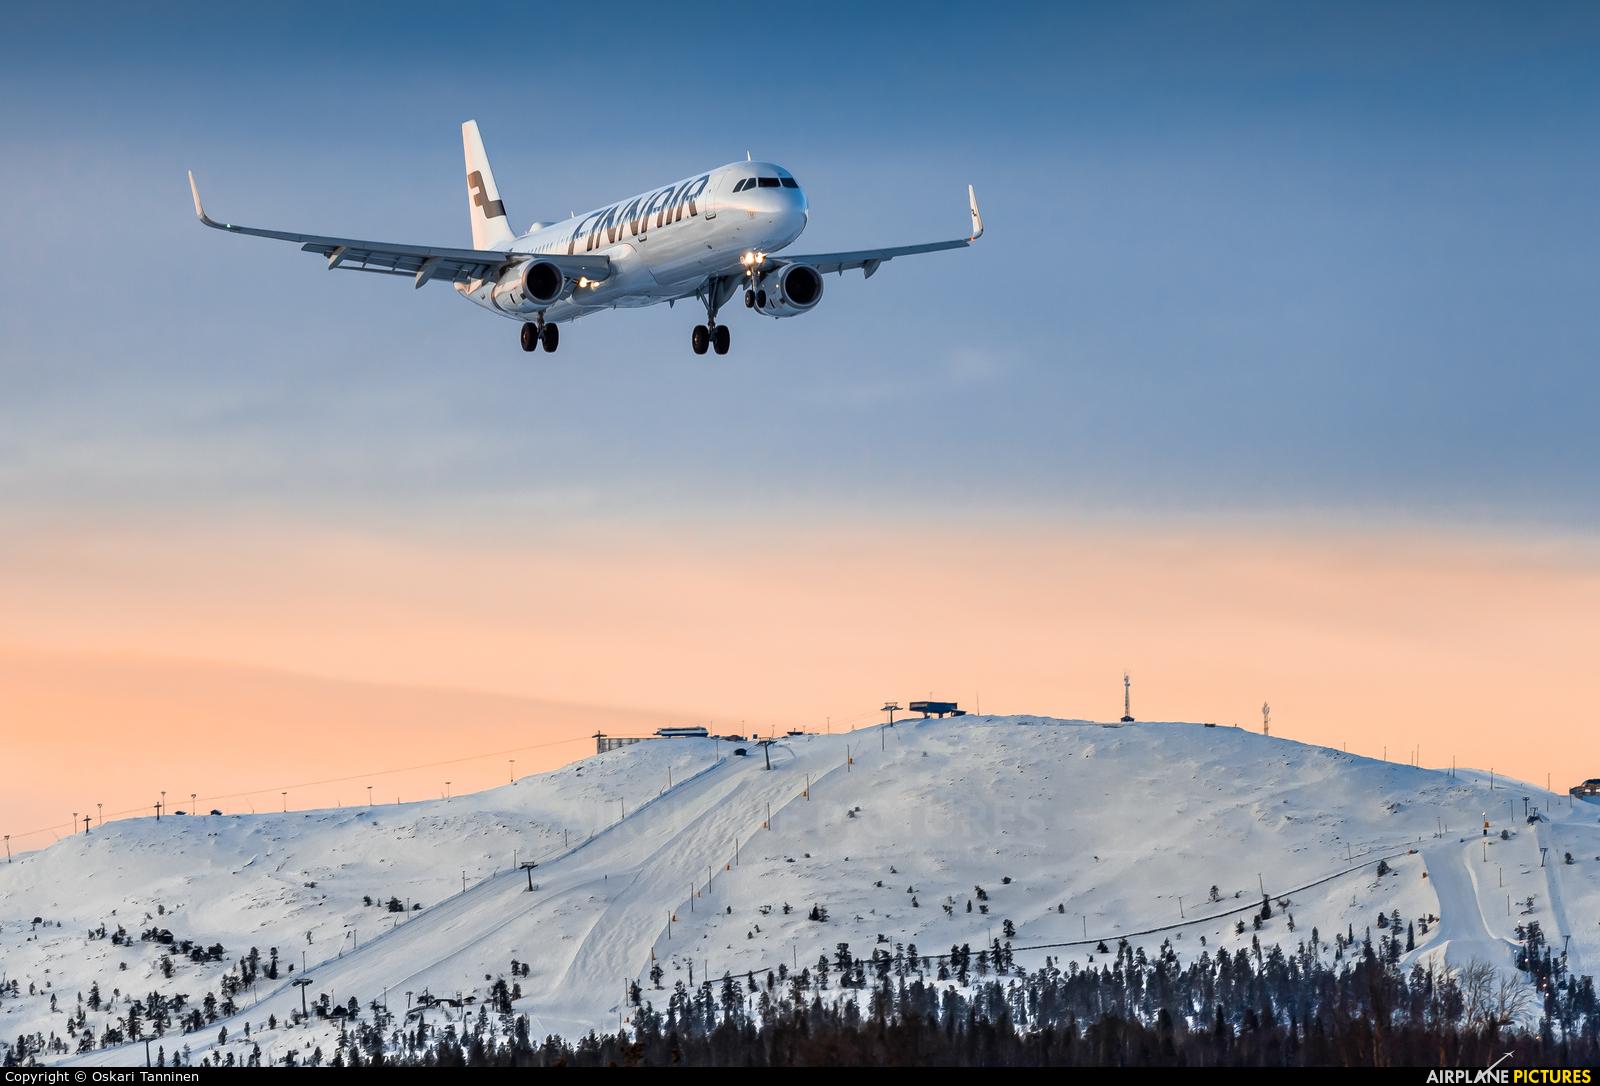 Finnair OH-LZT aircraft at Kittilä